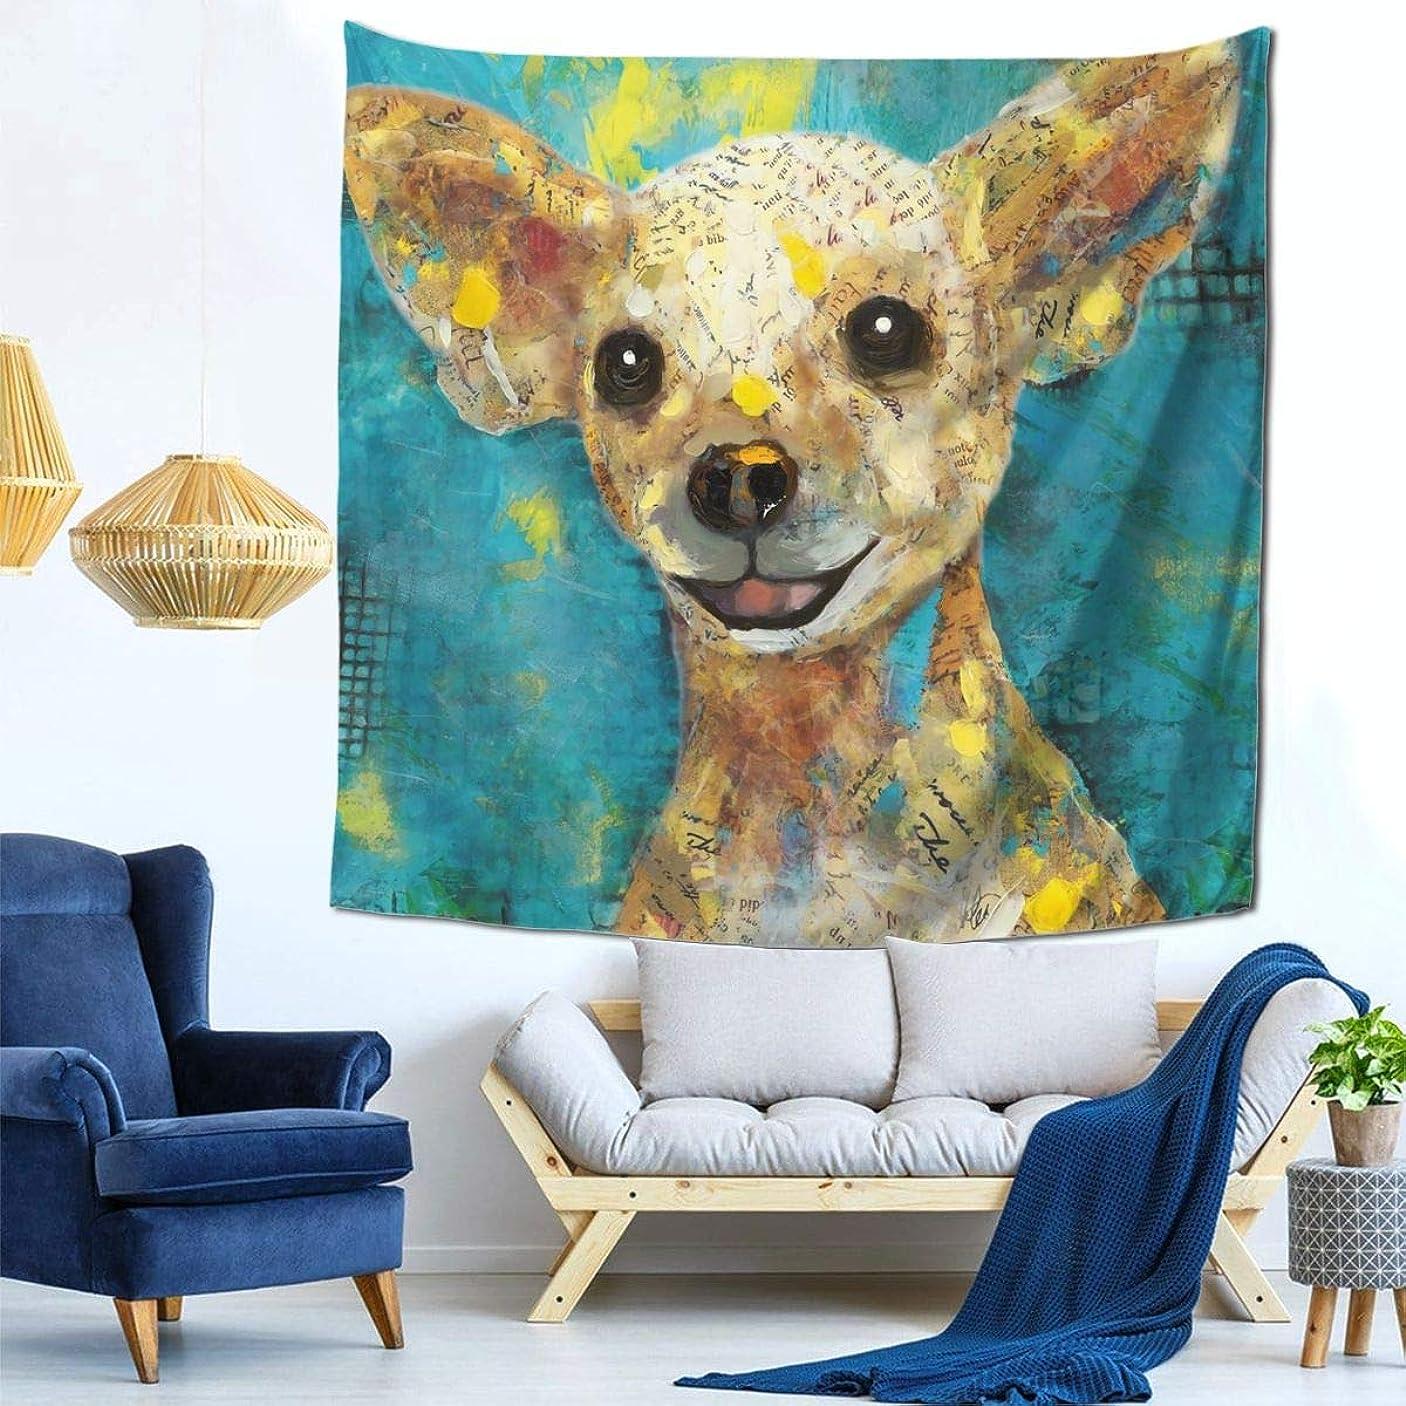 ギネス南極耕すタペストリー 絵画 犬 インテリア 多機能壁掛け 壁飾り おしゃれ 布製 ファブリック装飾用品 装飾アート 模様替え 部屋 窓カーテン 新居祝い 150x150cm